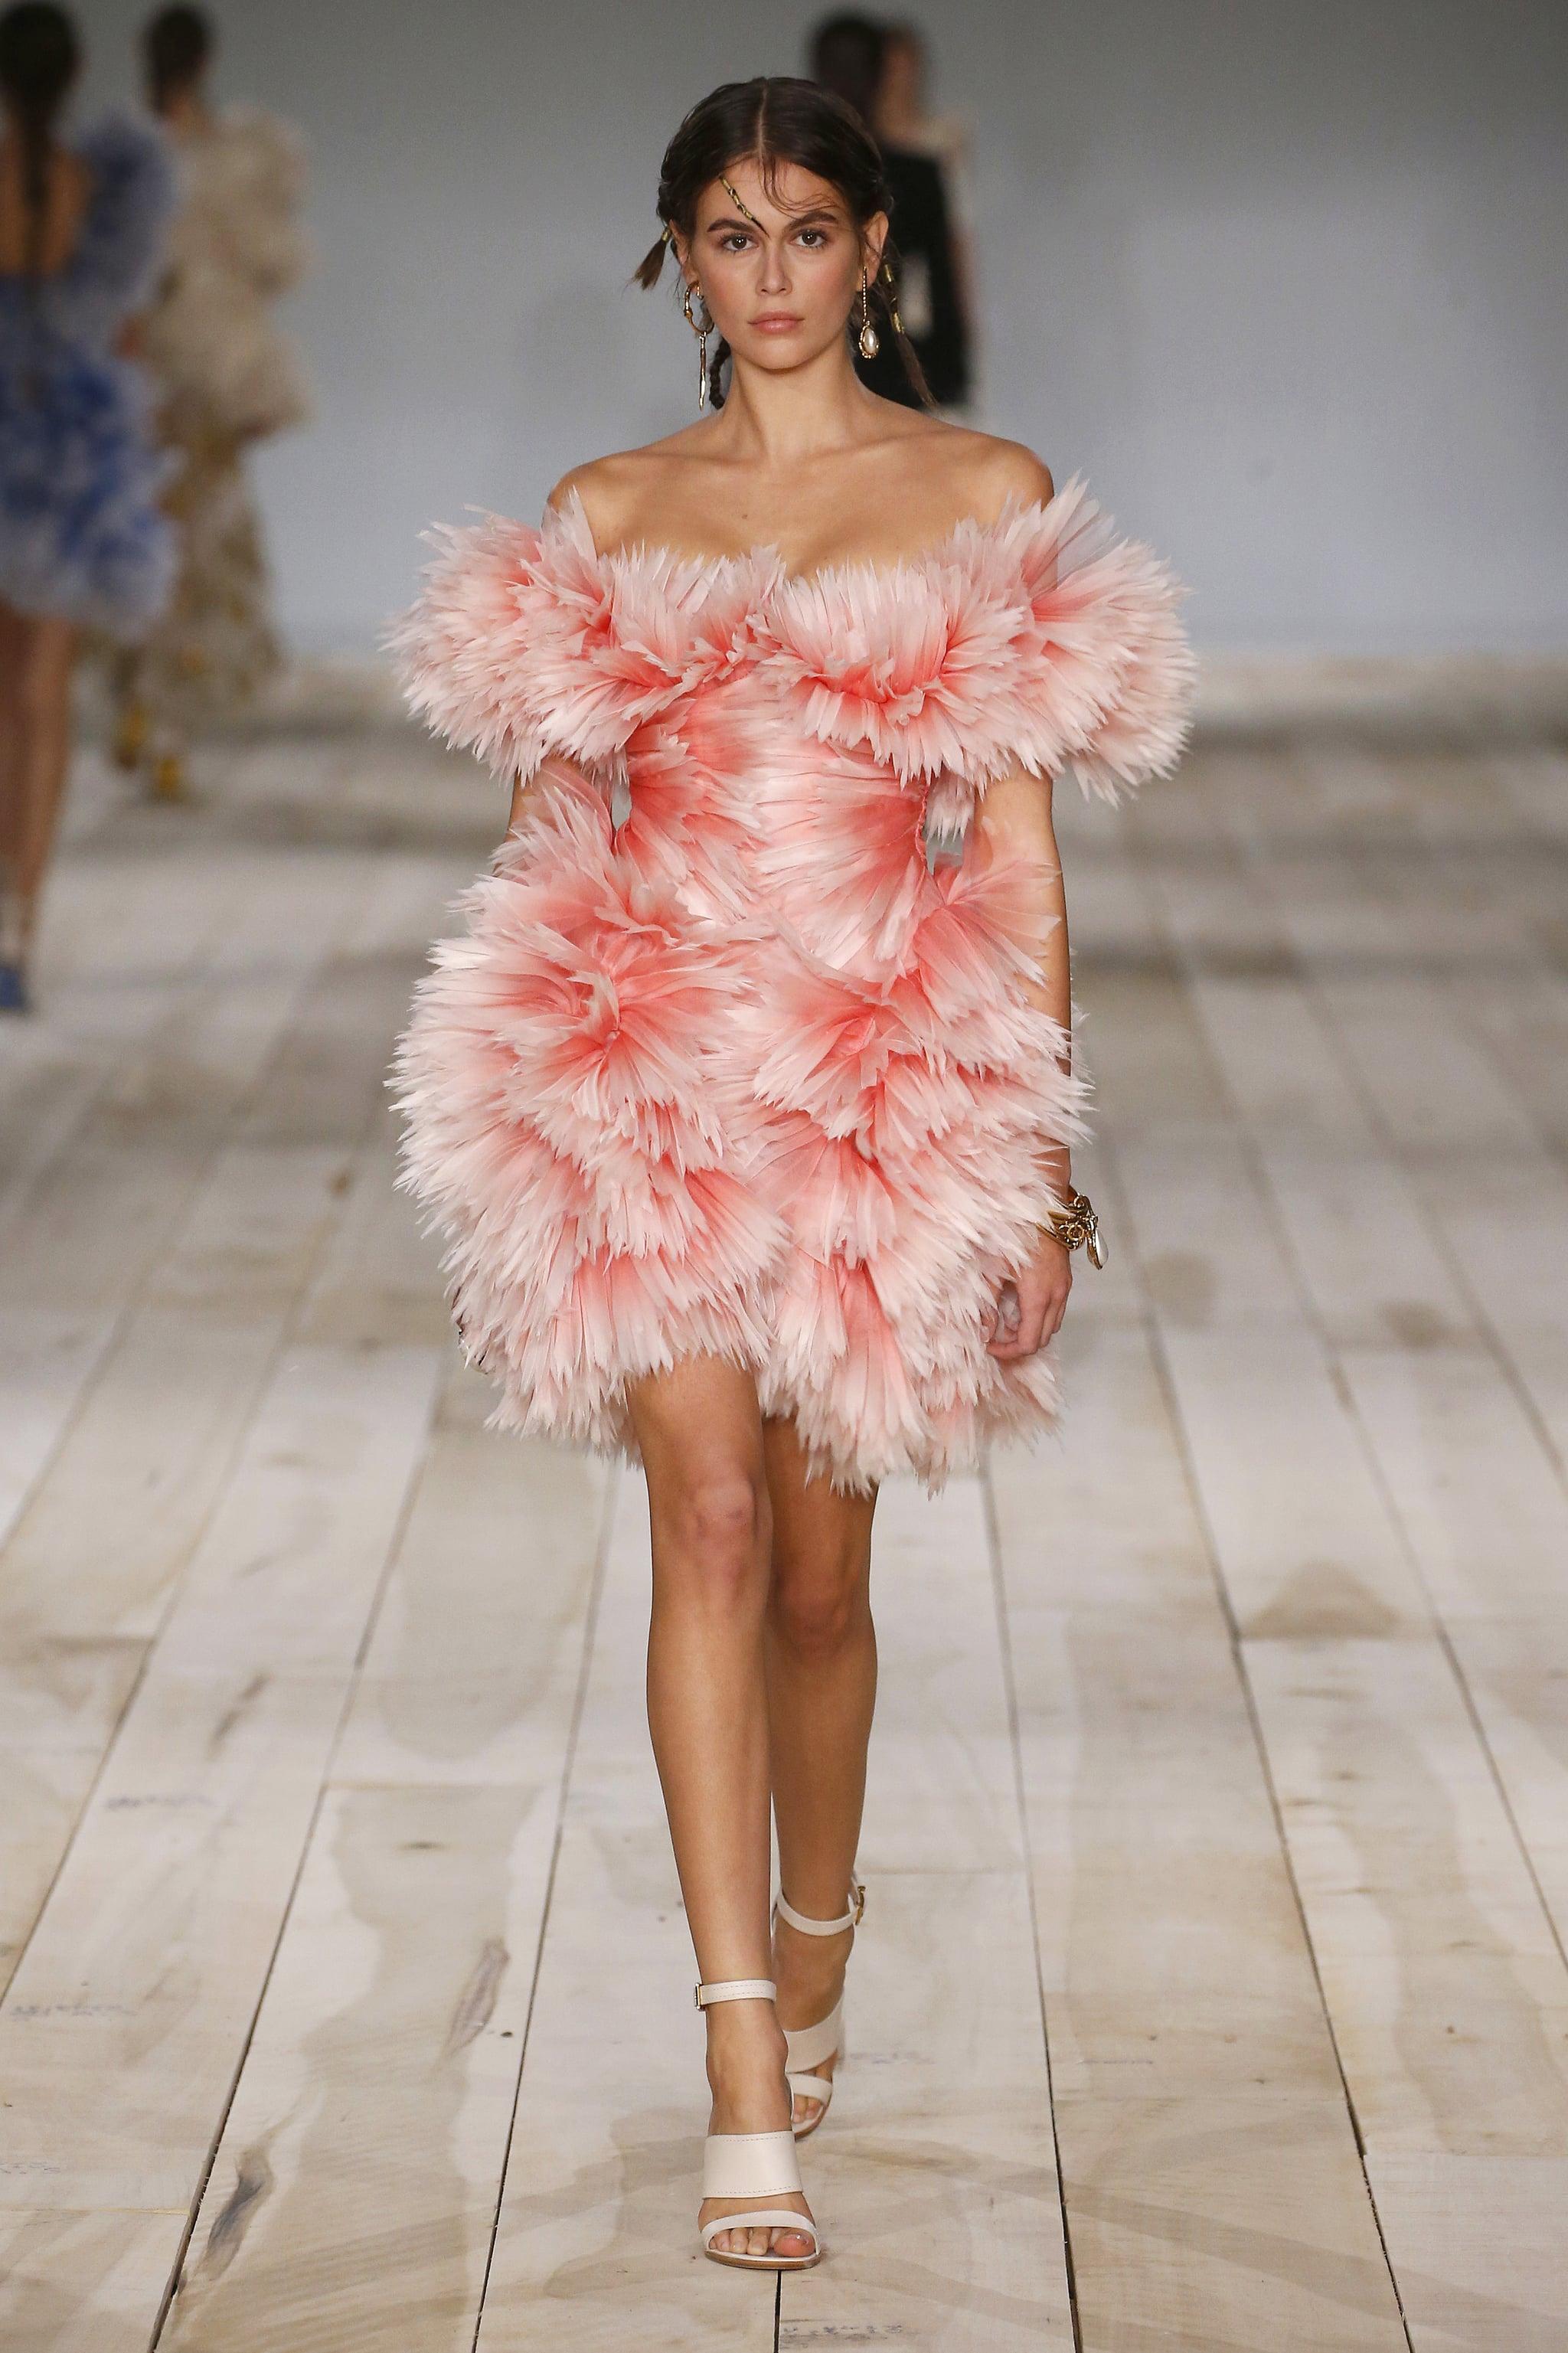 پاریس ، فرانسه - 30 سپتامبر: مدل کایا گربر هنگام نمایش بهار / تابستان 2020 لباس زنانه الکساندر مک کوئین به عنوان بخشی از هفته مد پاریس در 30 سپتامبر 2019 در پاریس ، فرانسه در باند پرواز می رود.  (عکس از استروپ / گتی ایماژ)